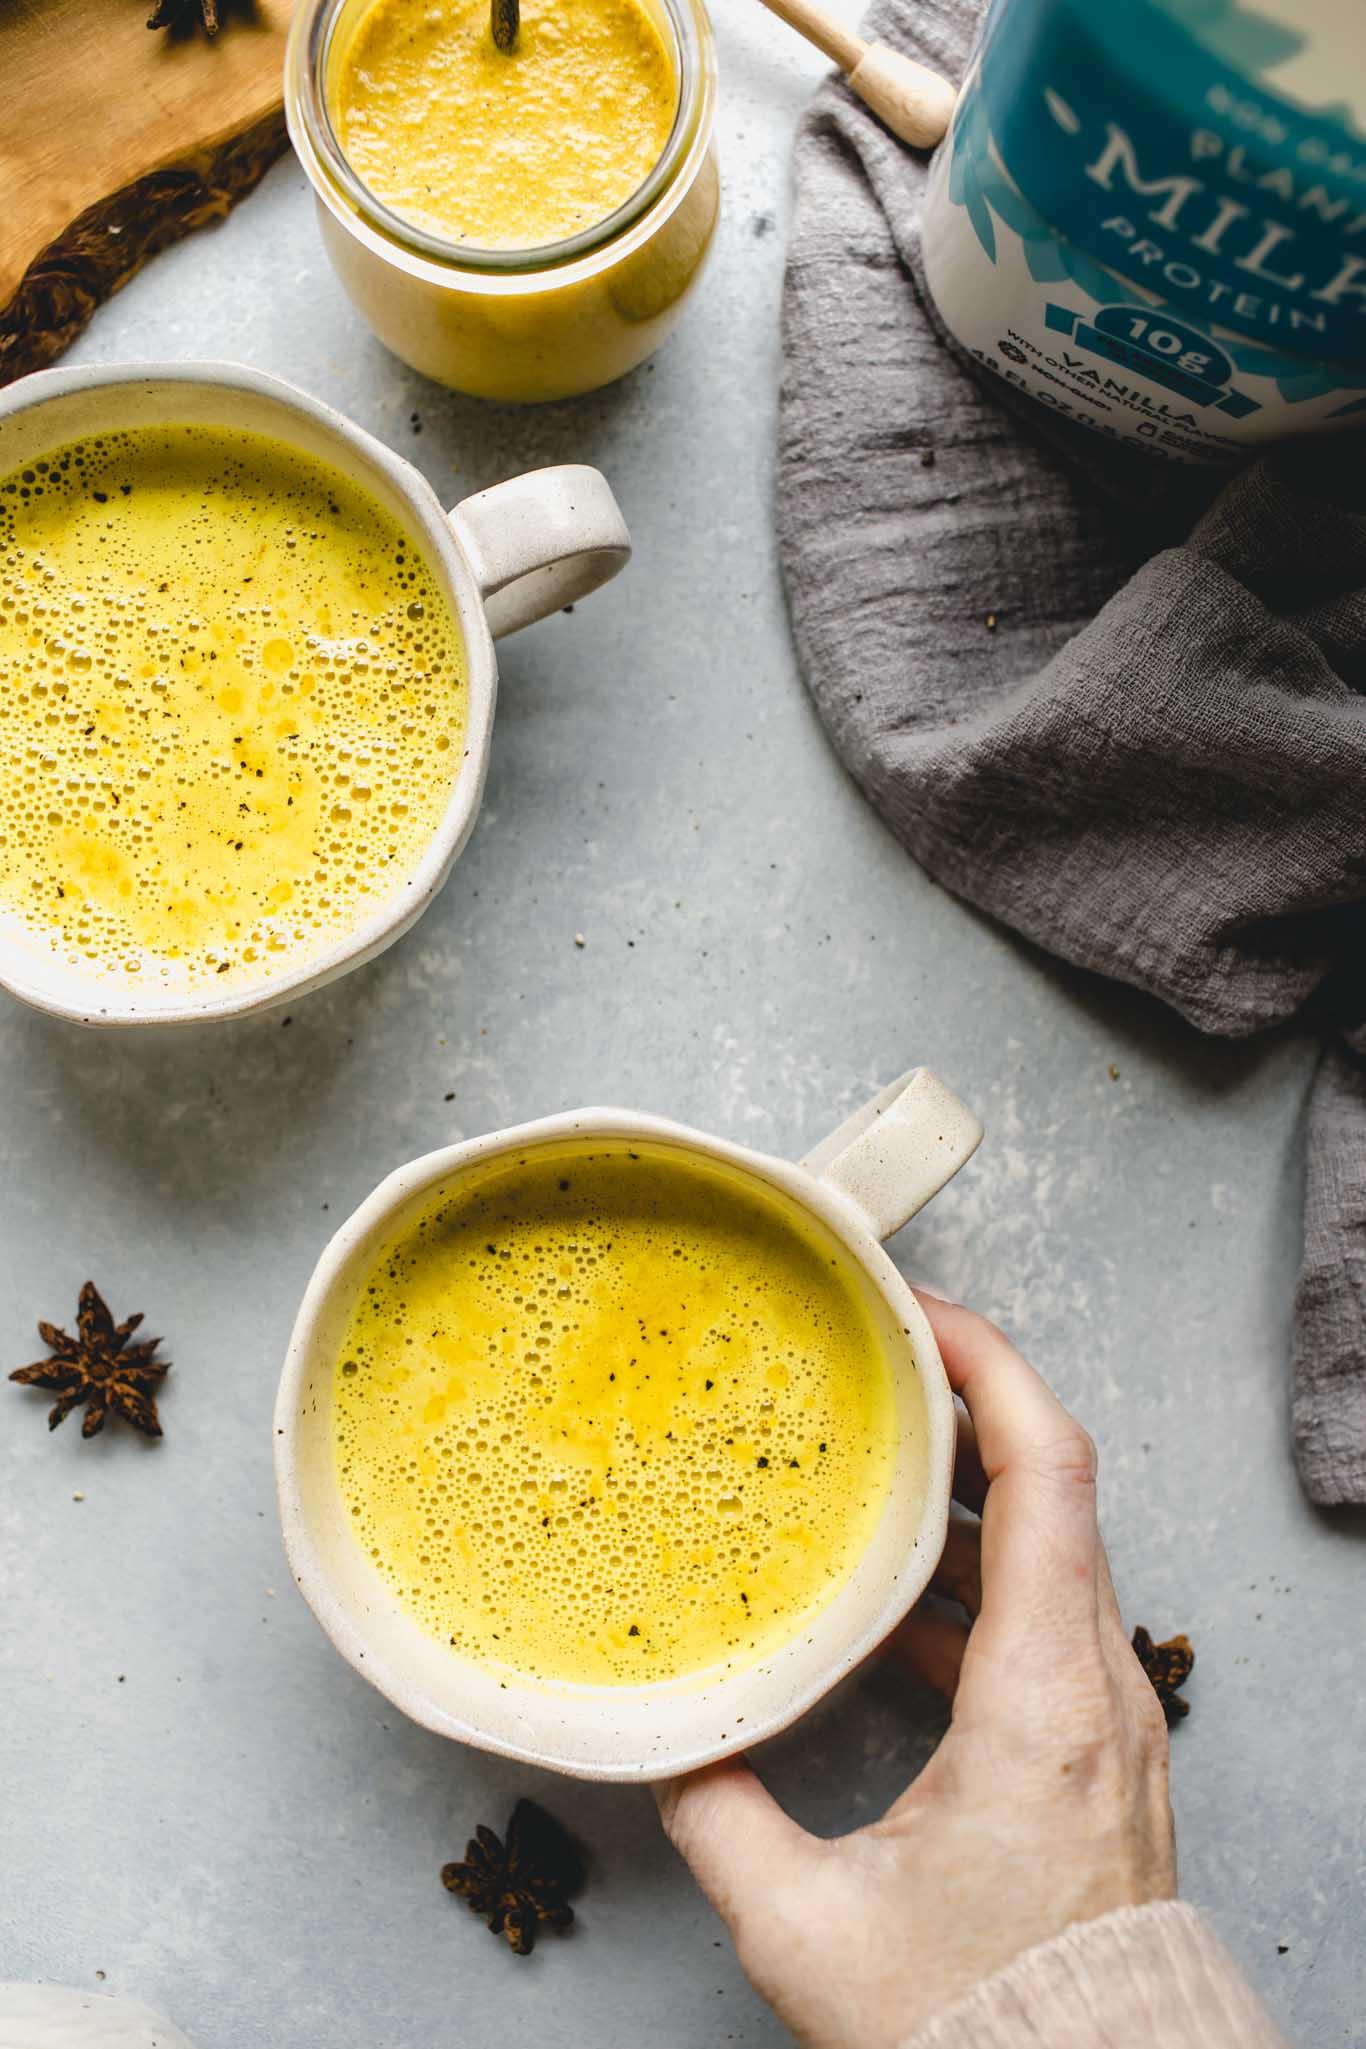 Hand holding mug of Golden Milk Latte.